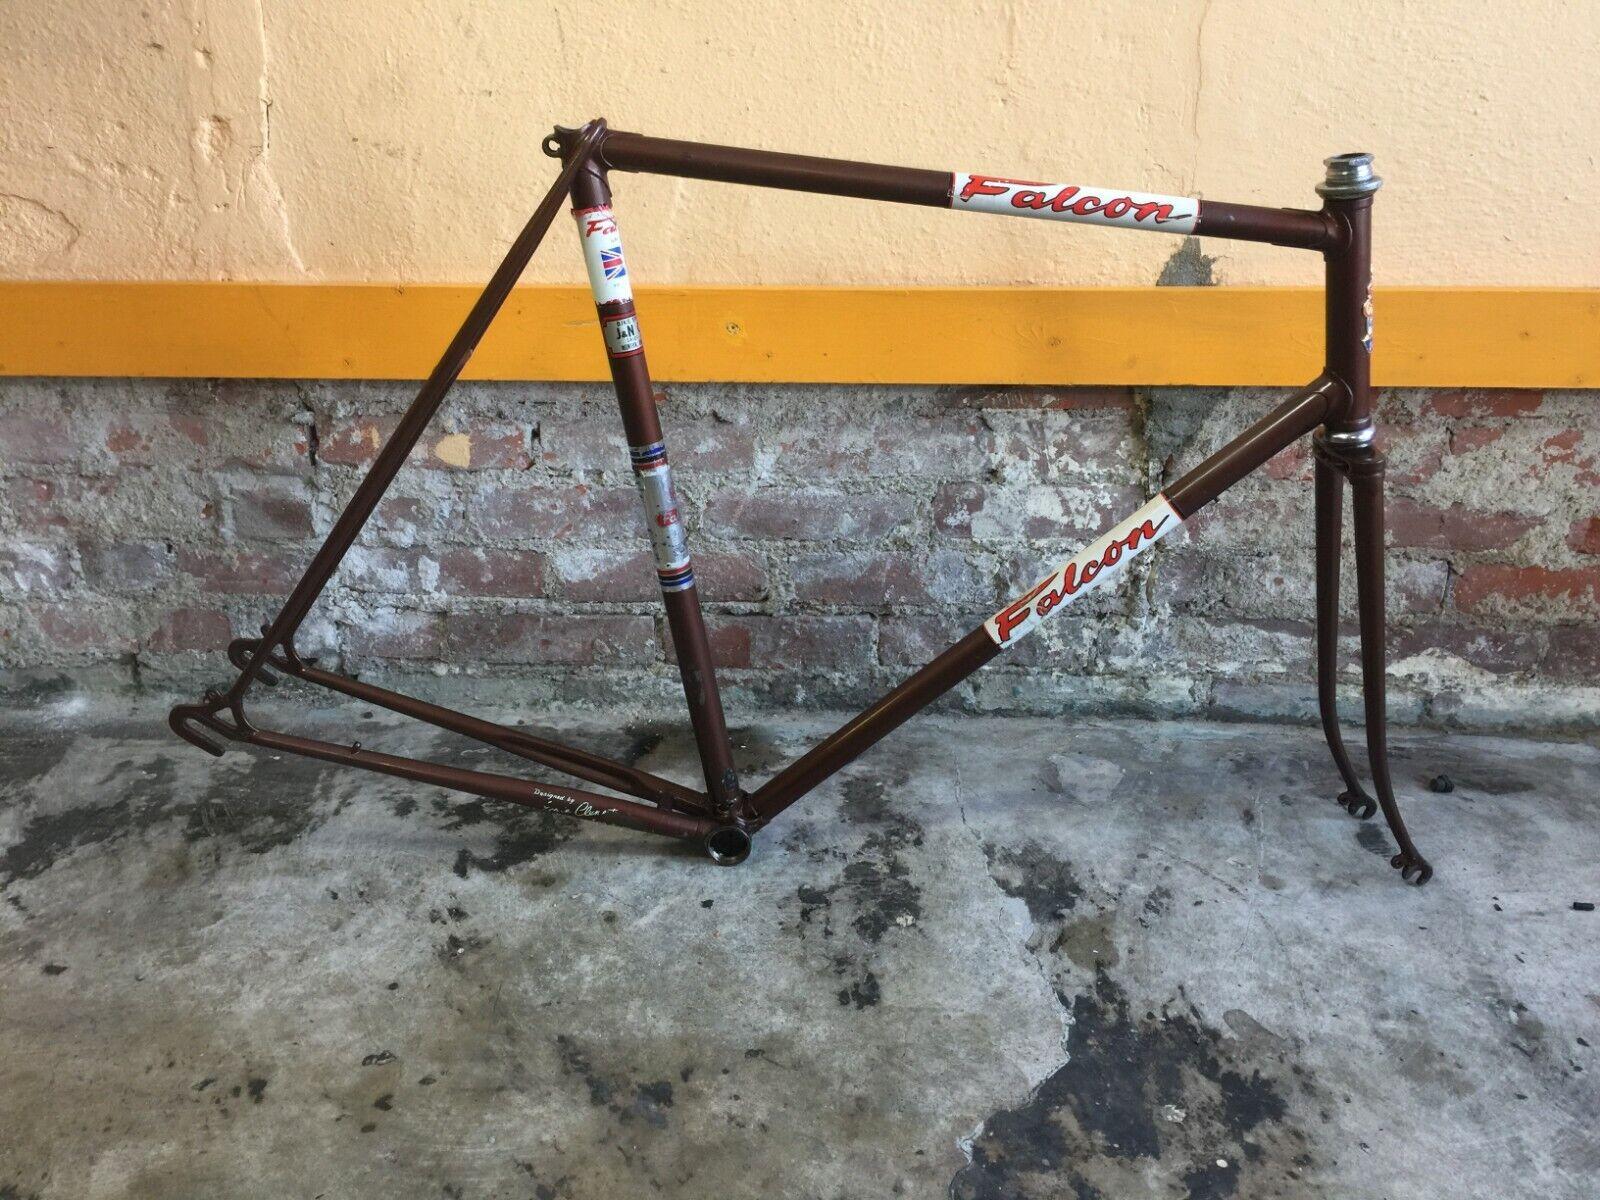 Vintage Falcon San Remo Hand-Built Road Bike Frameset, 59 cm, Reynolds 531